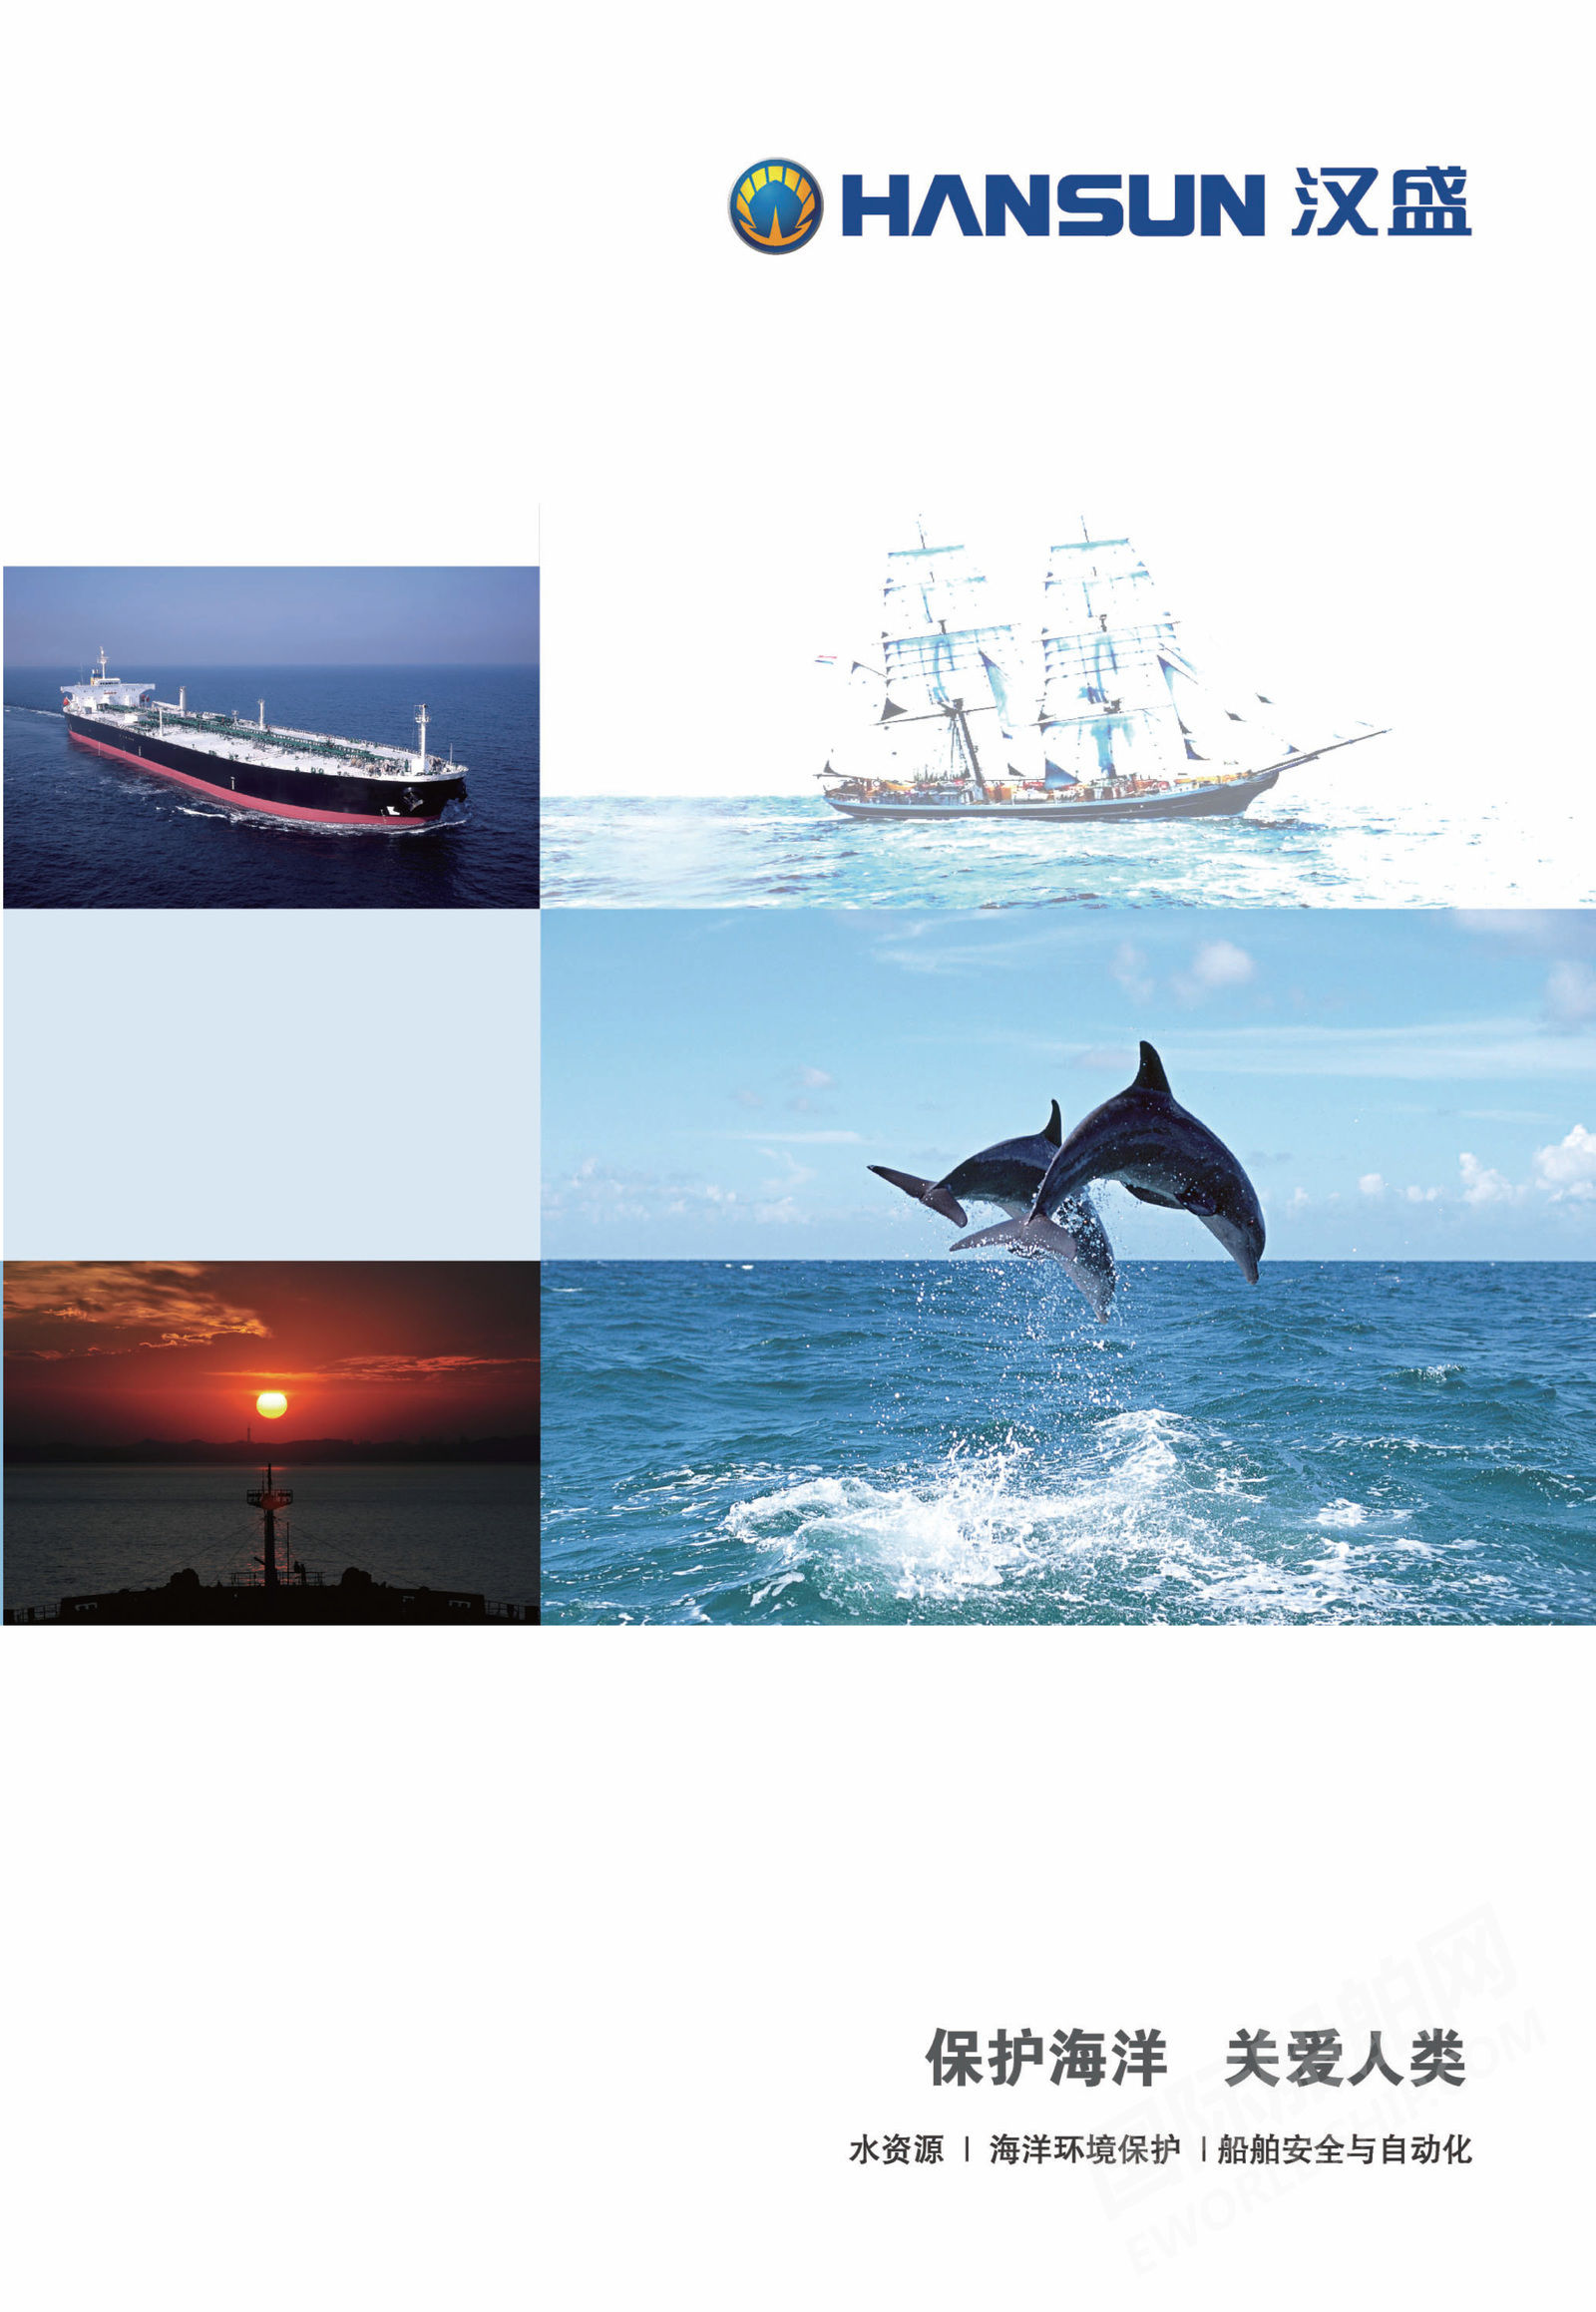 汉盛(上海)海洋装备技术股份有限公司,压载水,hansun